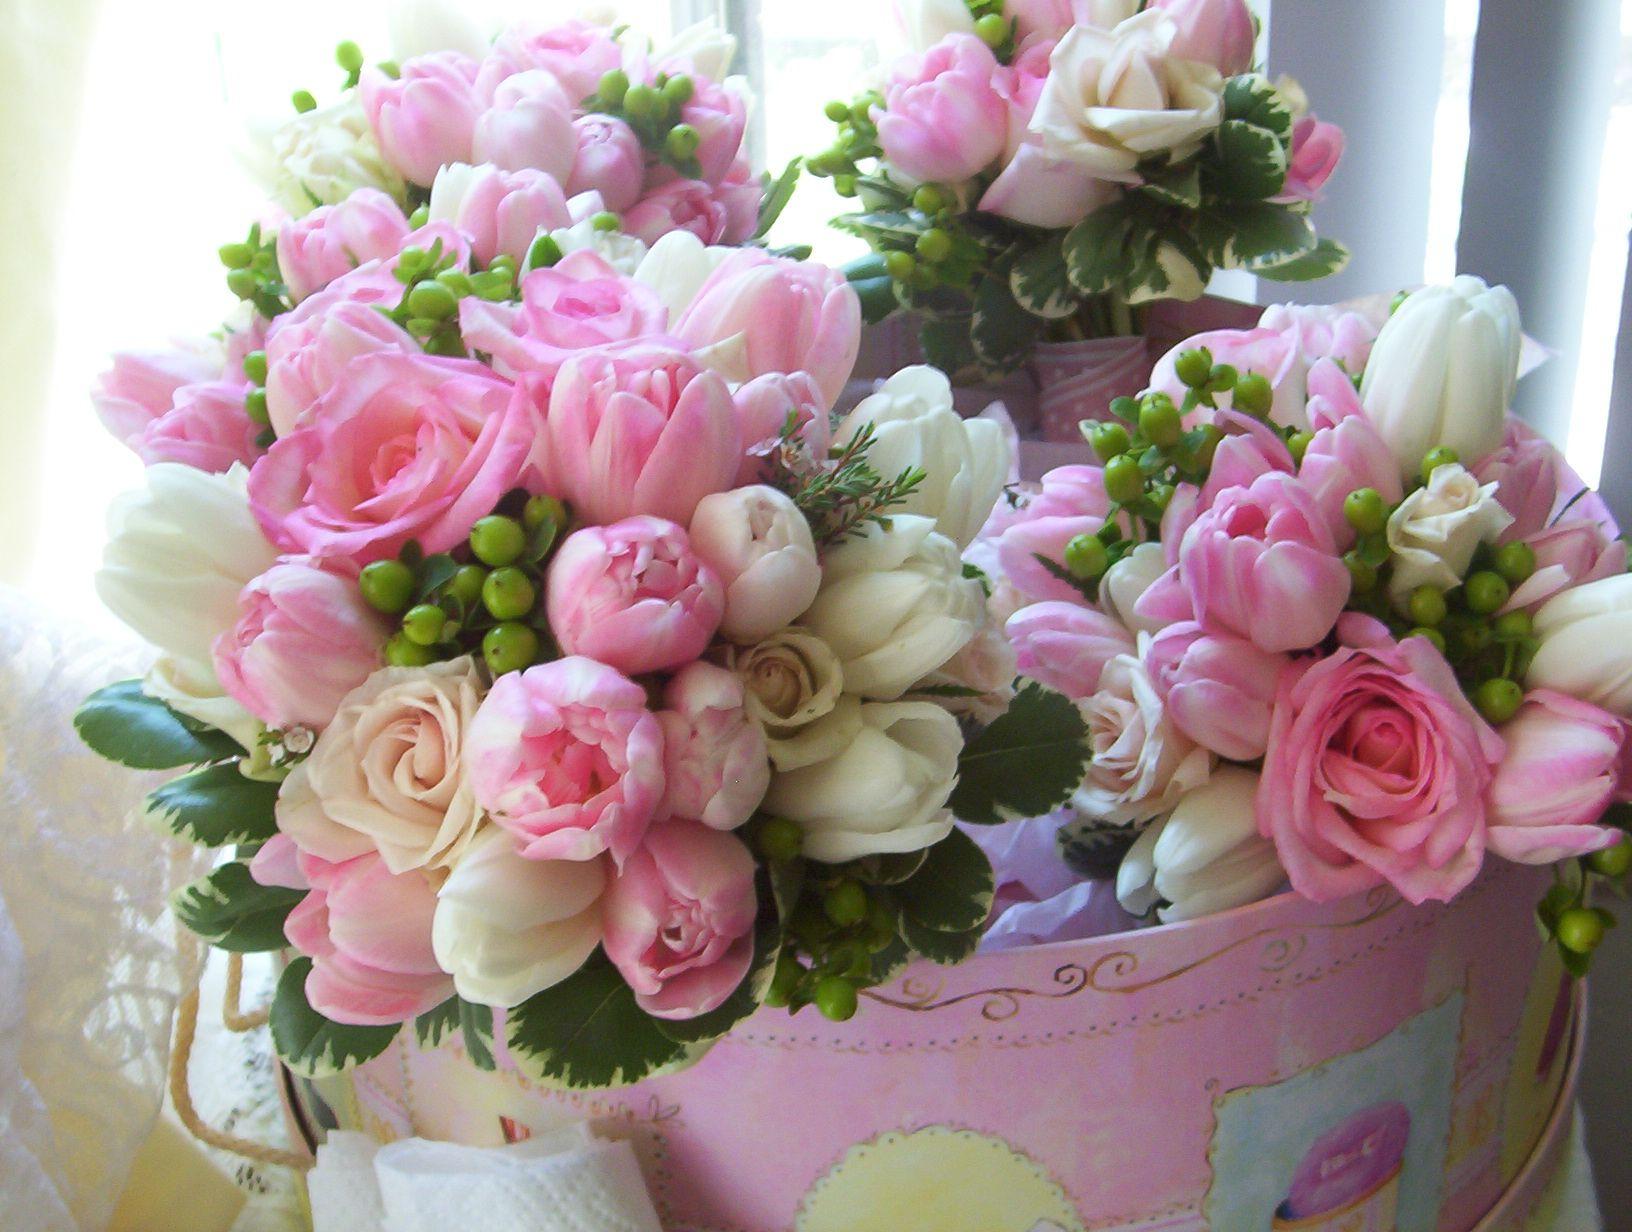 букеты цветов фото с днем рождения: 21 тыс изображений ...